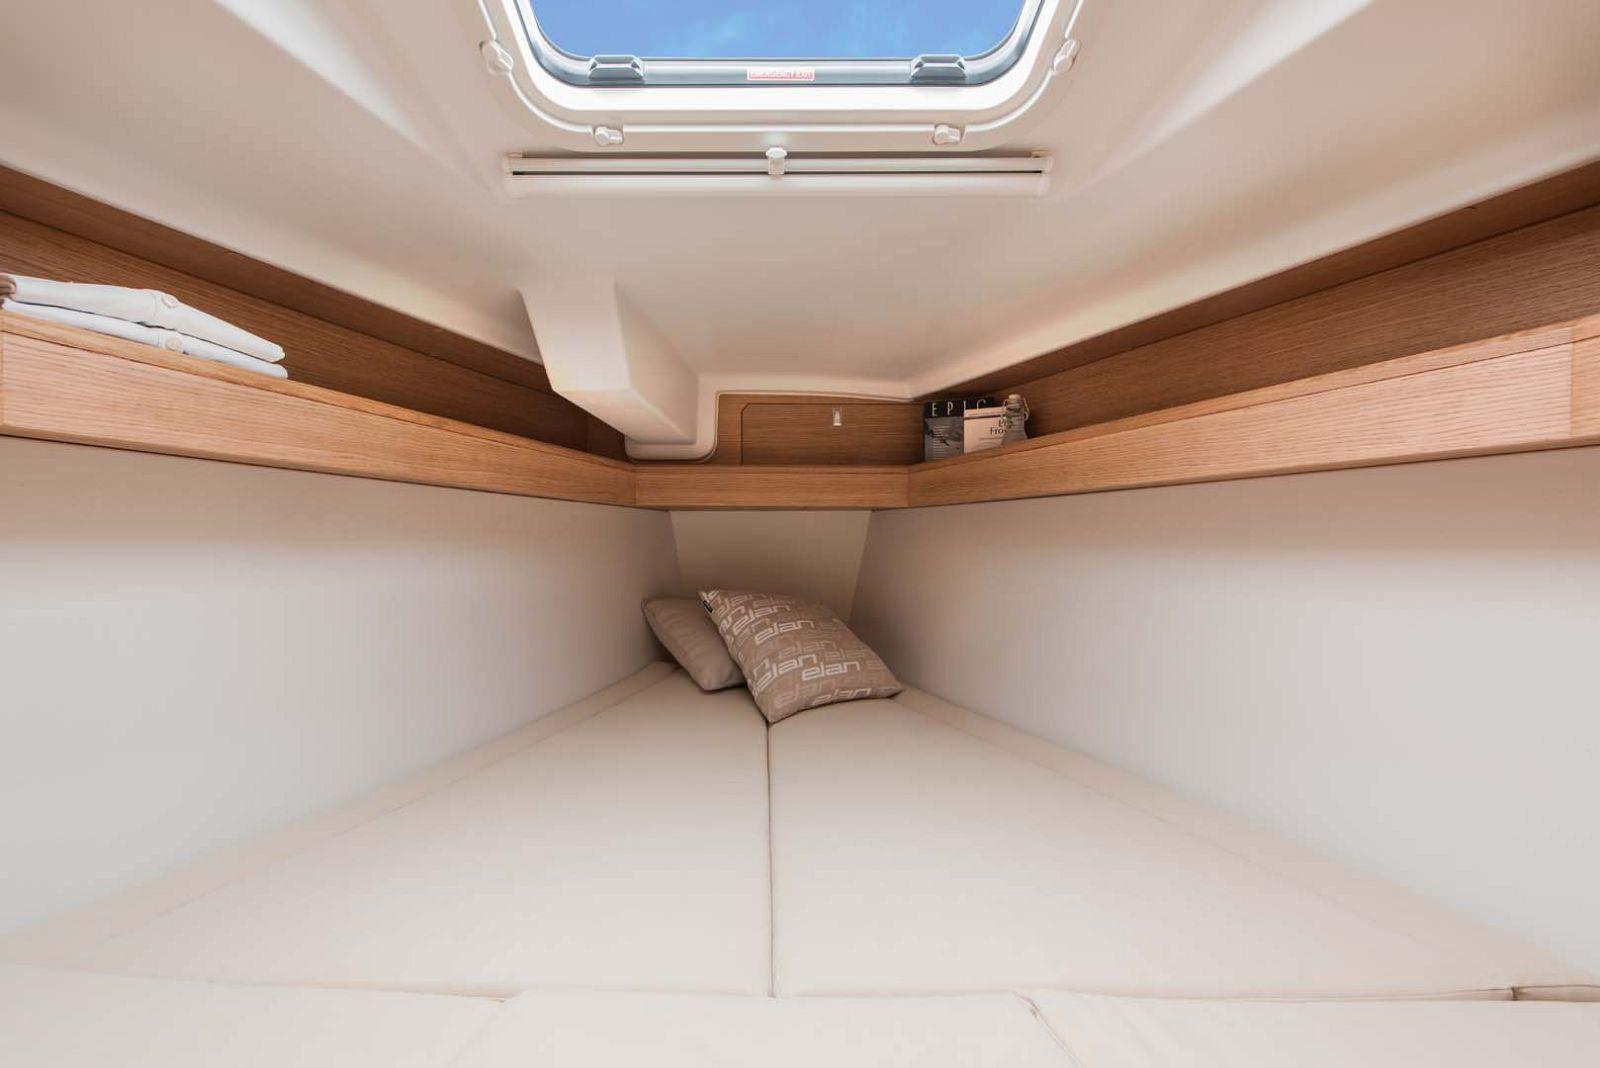 Elan-Yachts-E3-Sailboat-guest-cabin